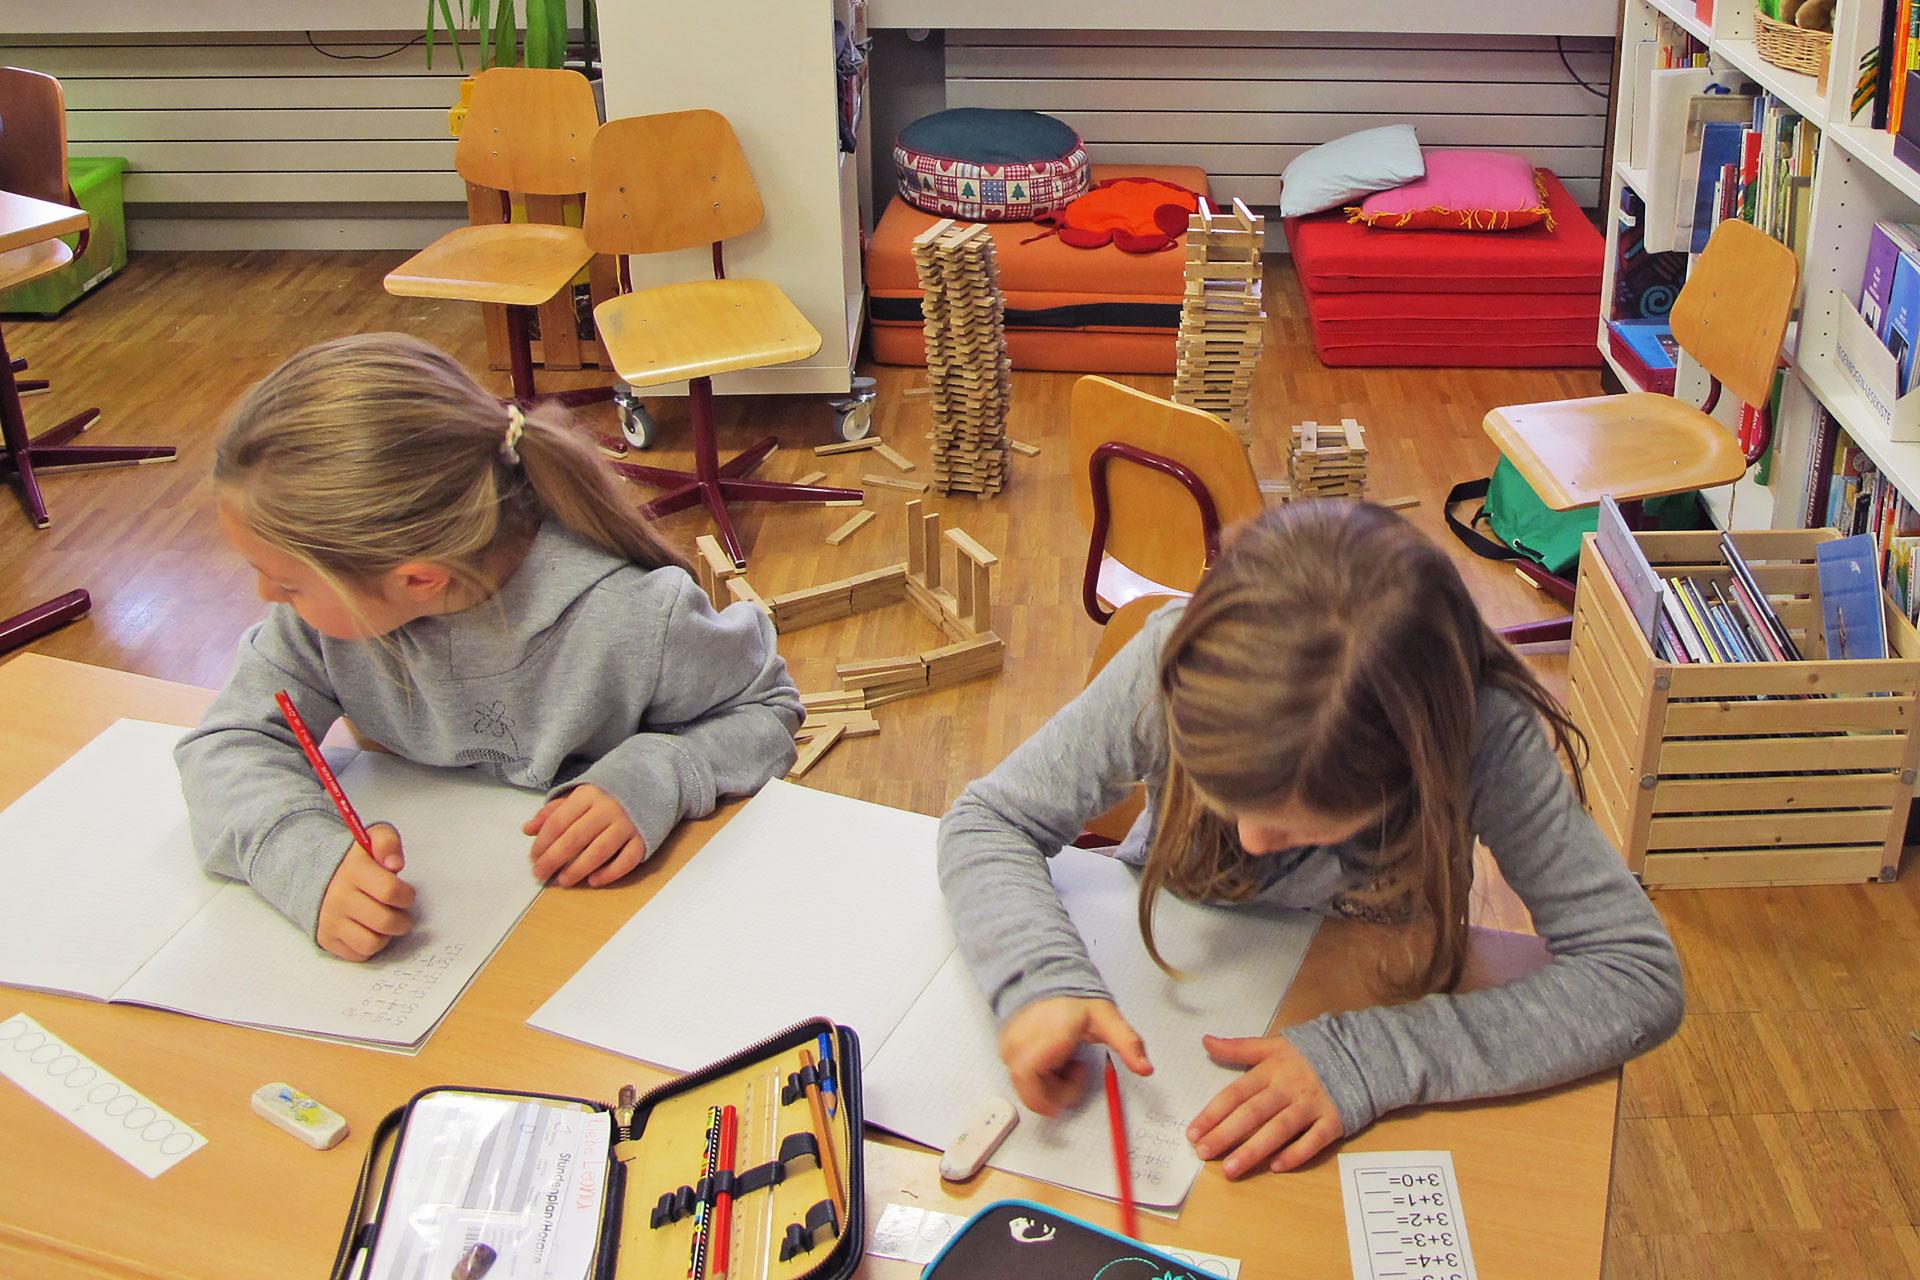 zwei Schülerinnen lösen Mathematikaufgaben, im Hintergrund stehen gestapelte Holztürme